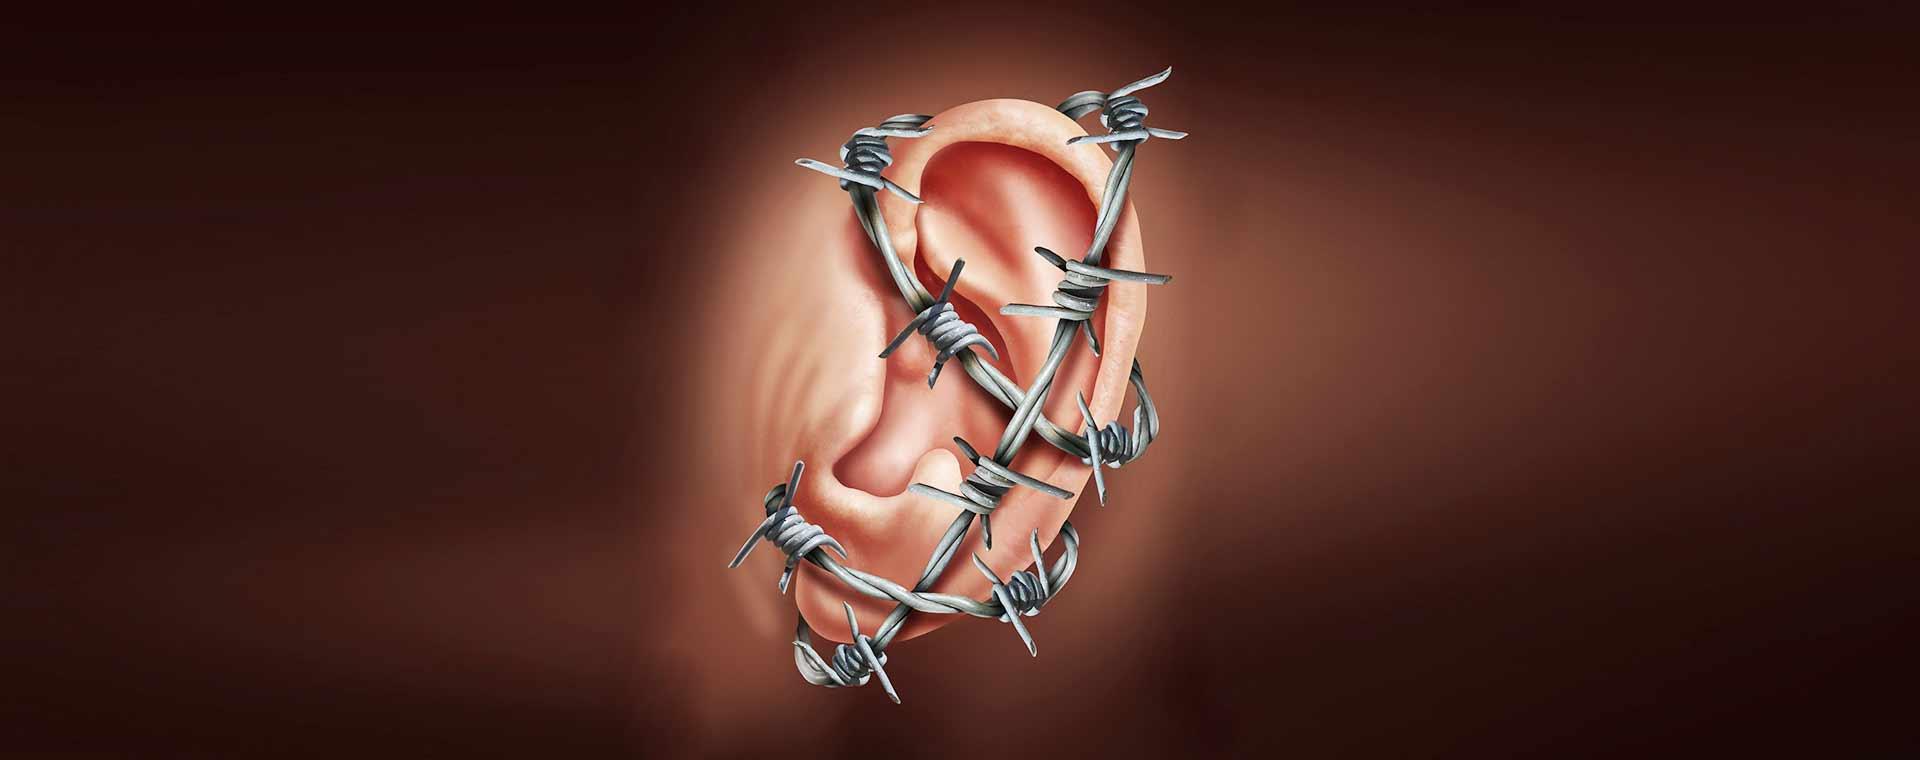 kulak hastalıkları izmir